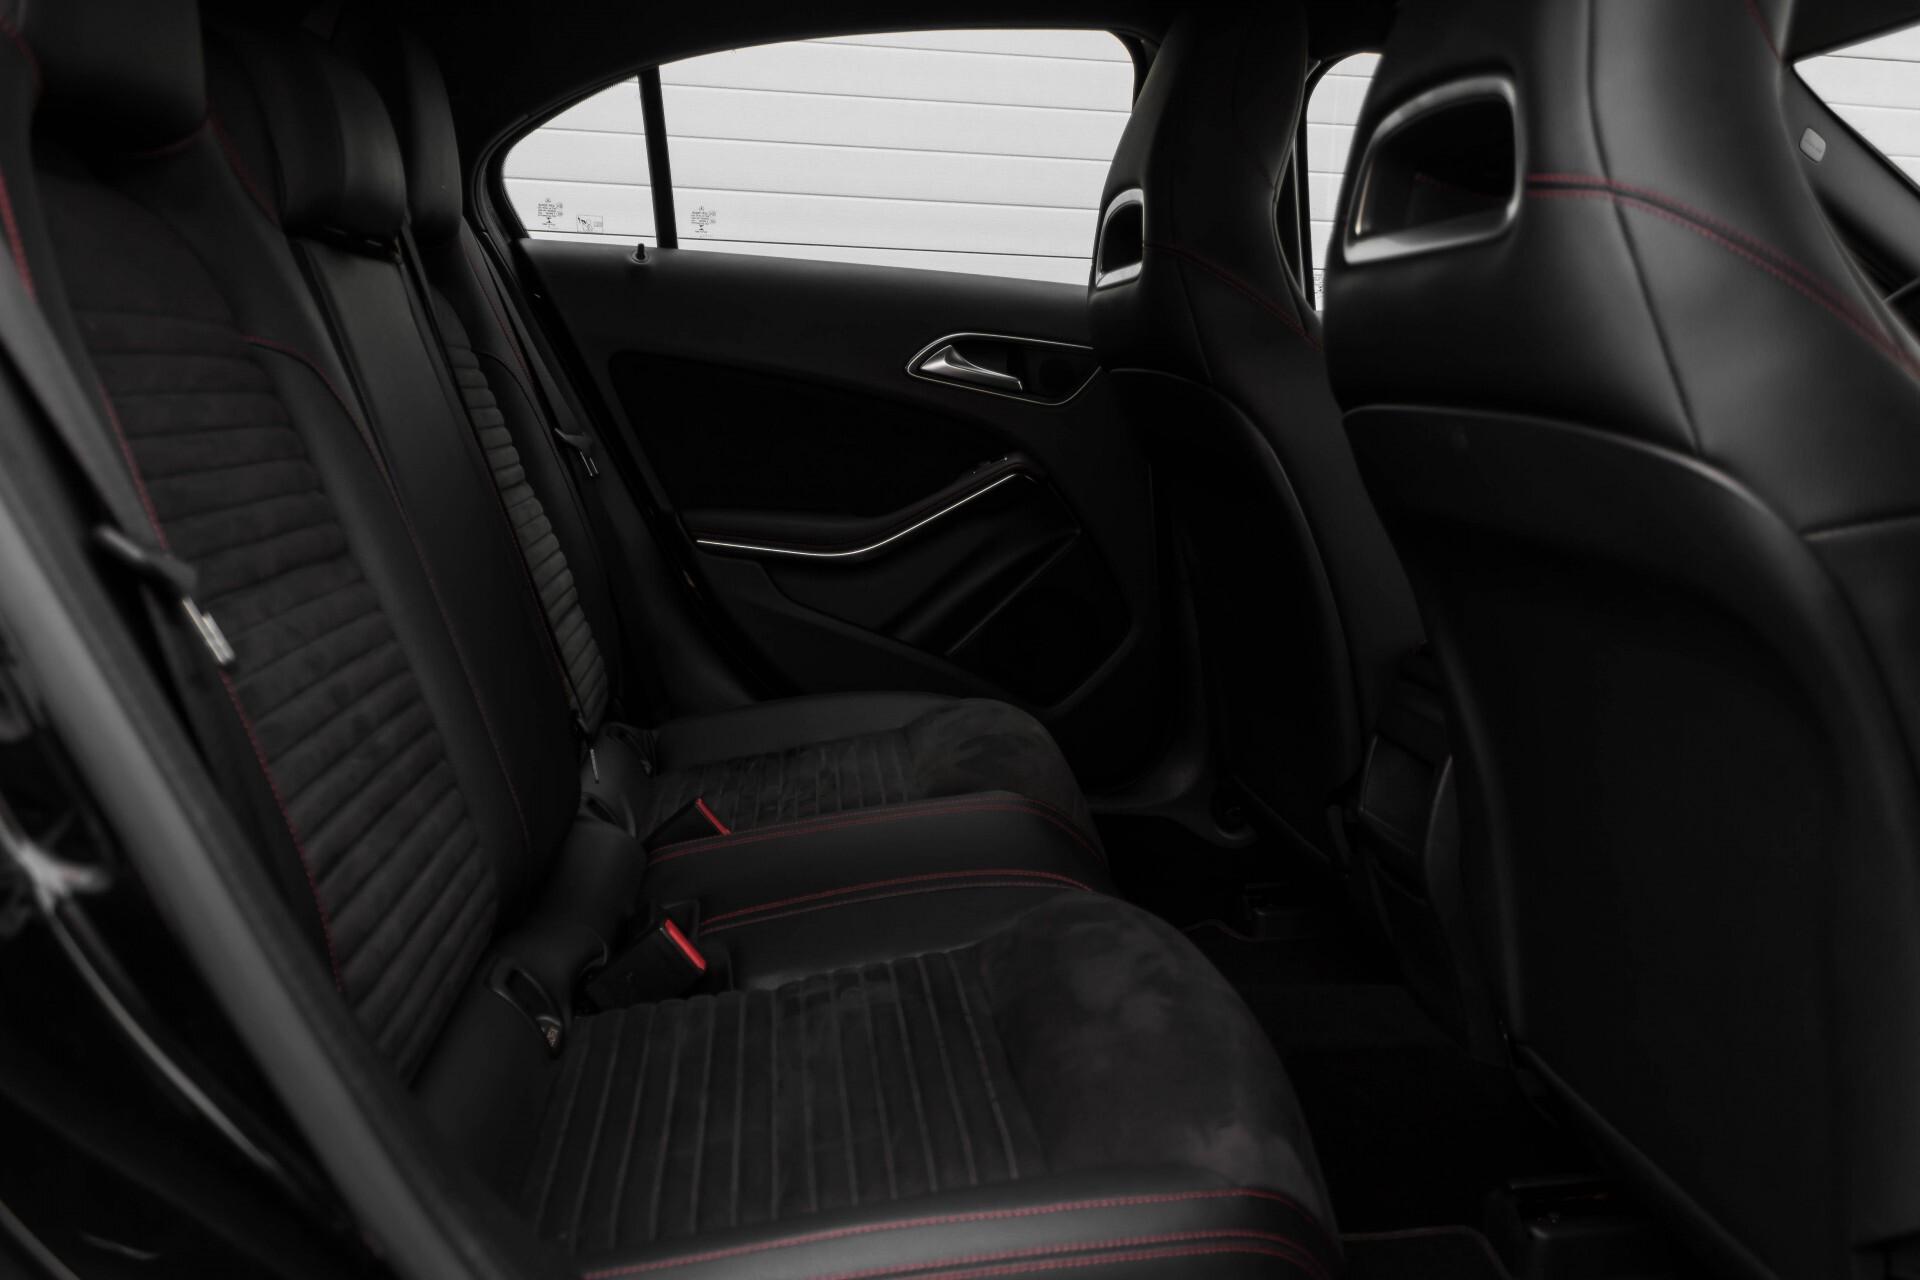 Mercedes-Benz A-Klasse 180 Cdi AMG Panorama Bi-xenon/Navi/PTS Aut7 Foto 4